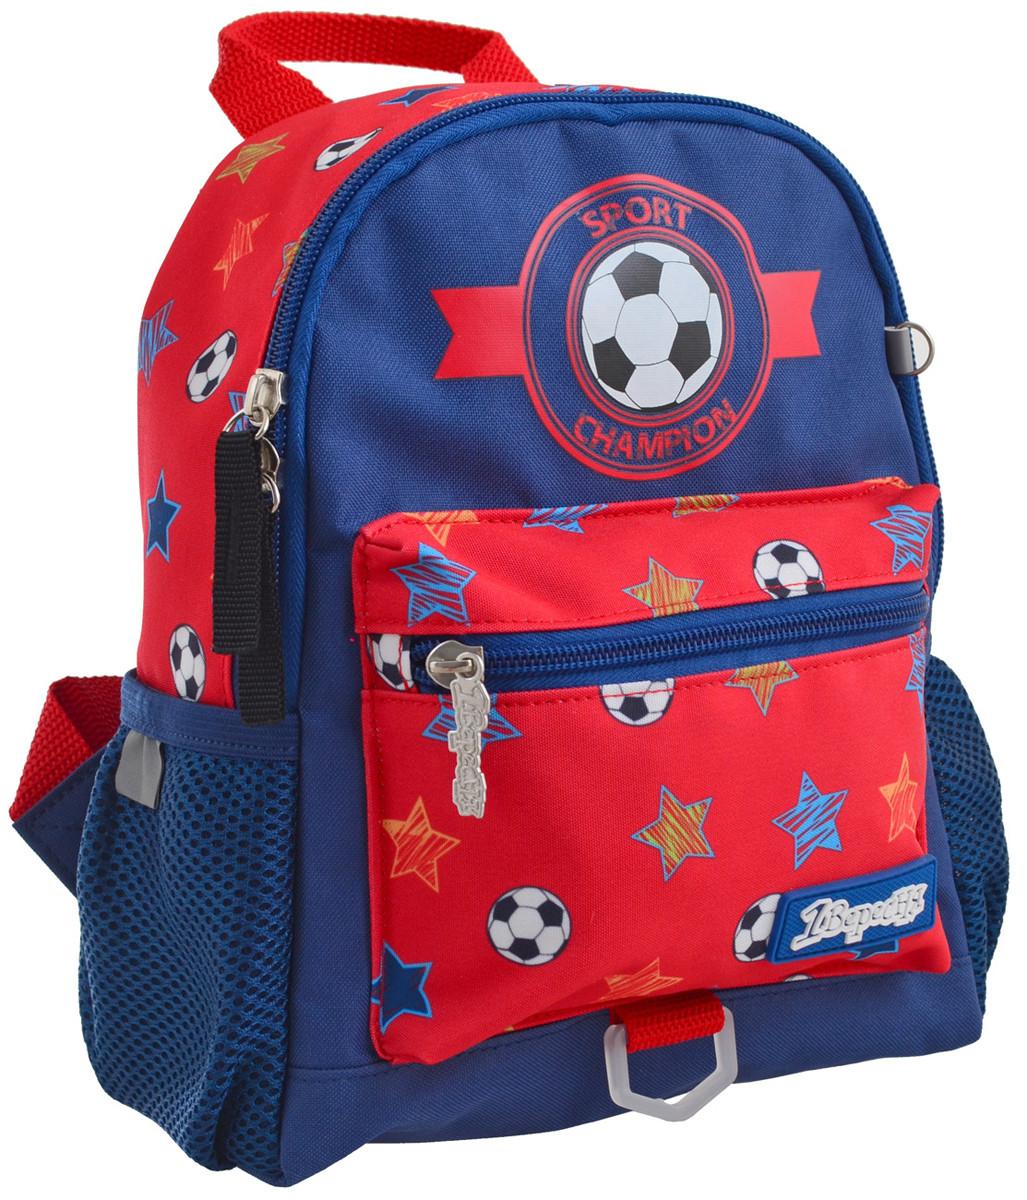 Рюкзак детский 1 Вересня K-16 Cool game Разноцветный (556581)